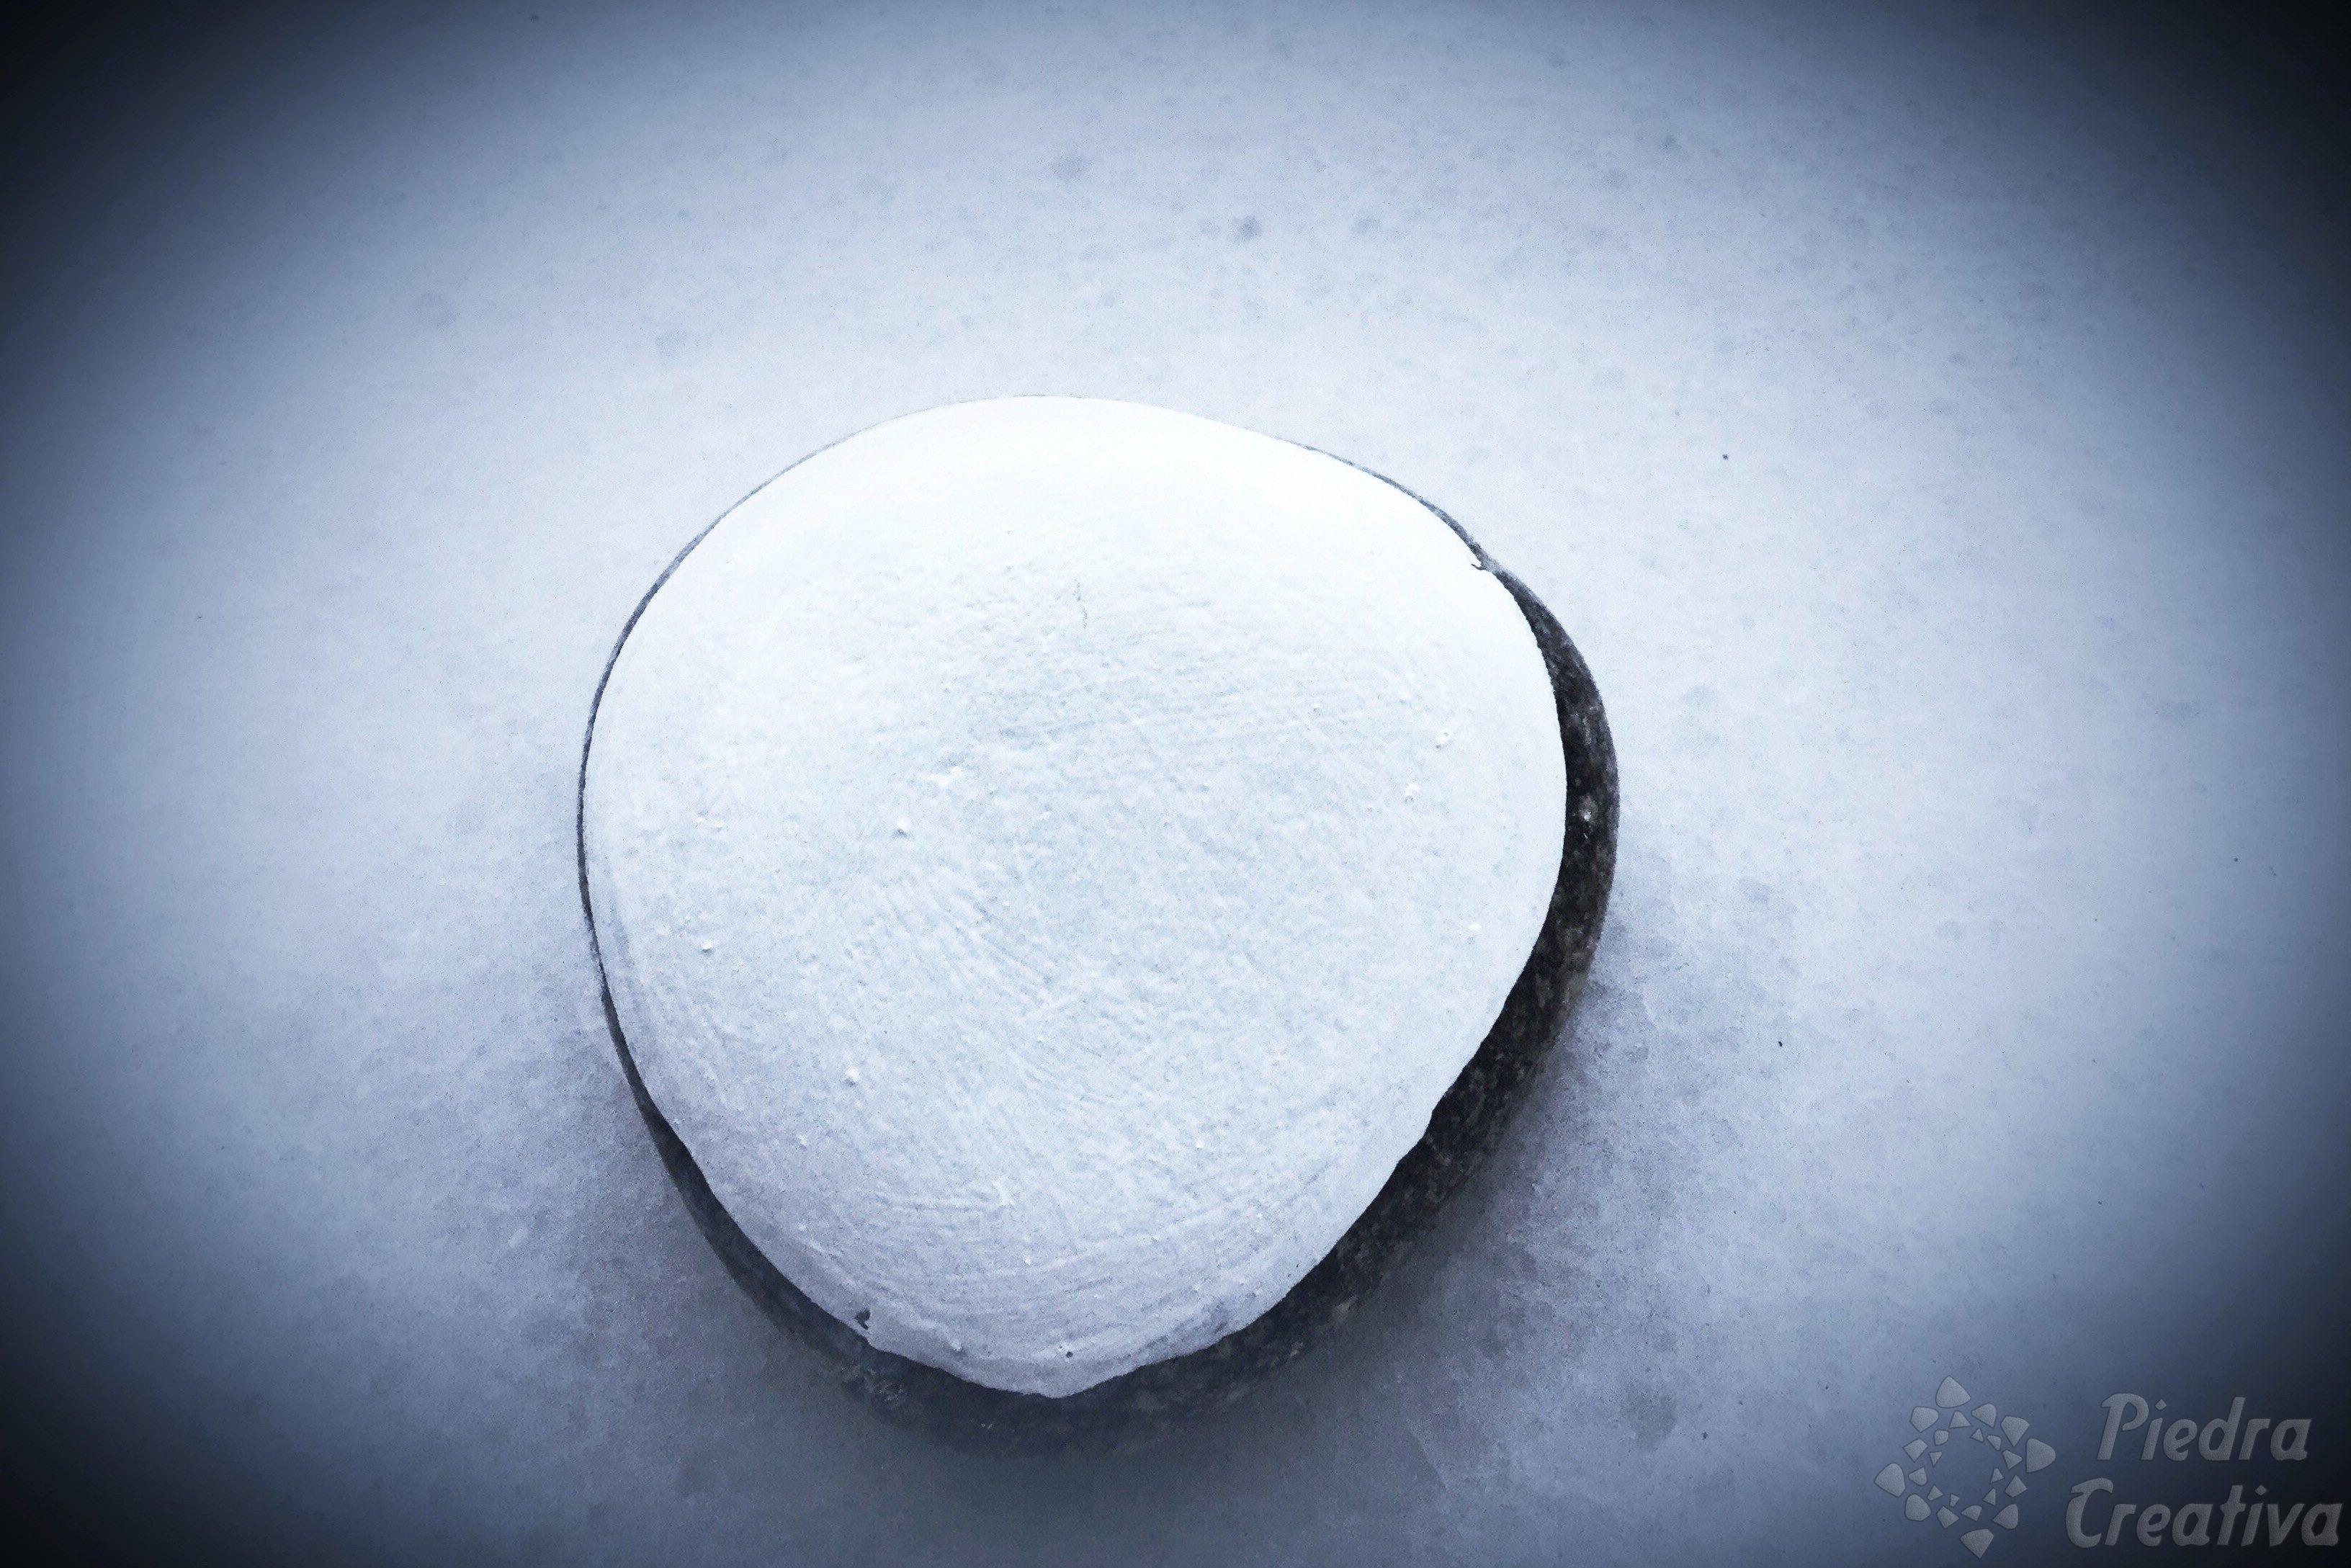 Pintar un corazón en piedra • PiedraCreativa